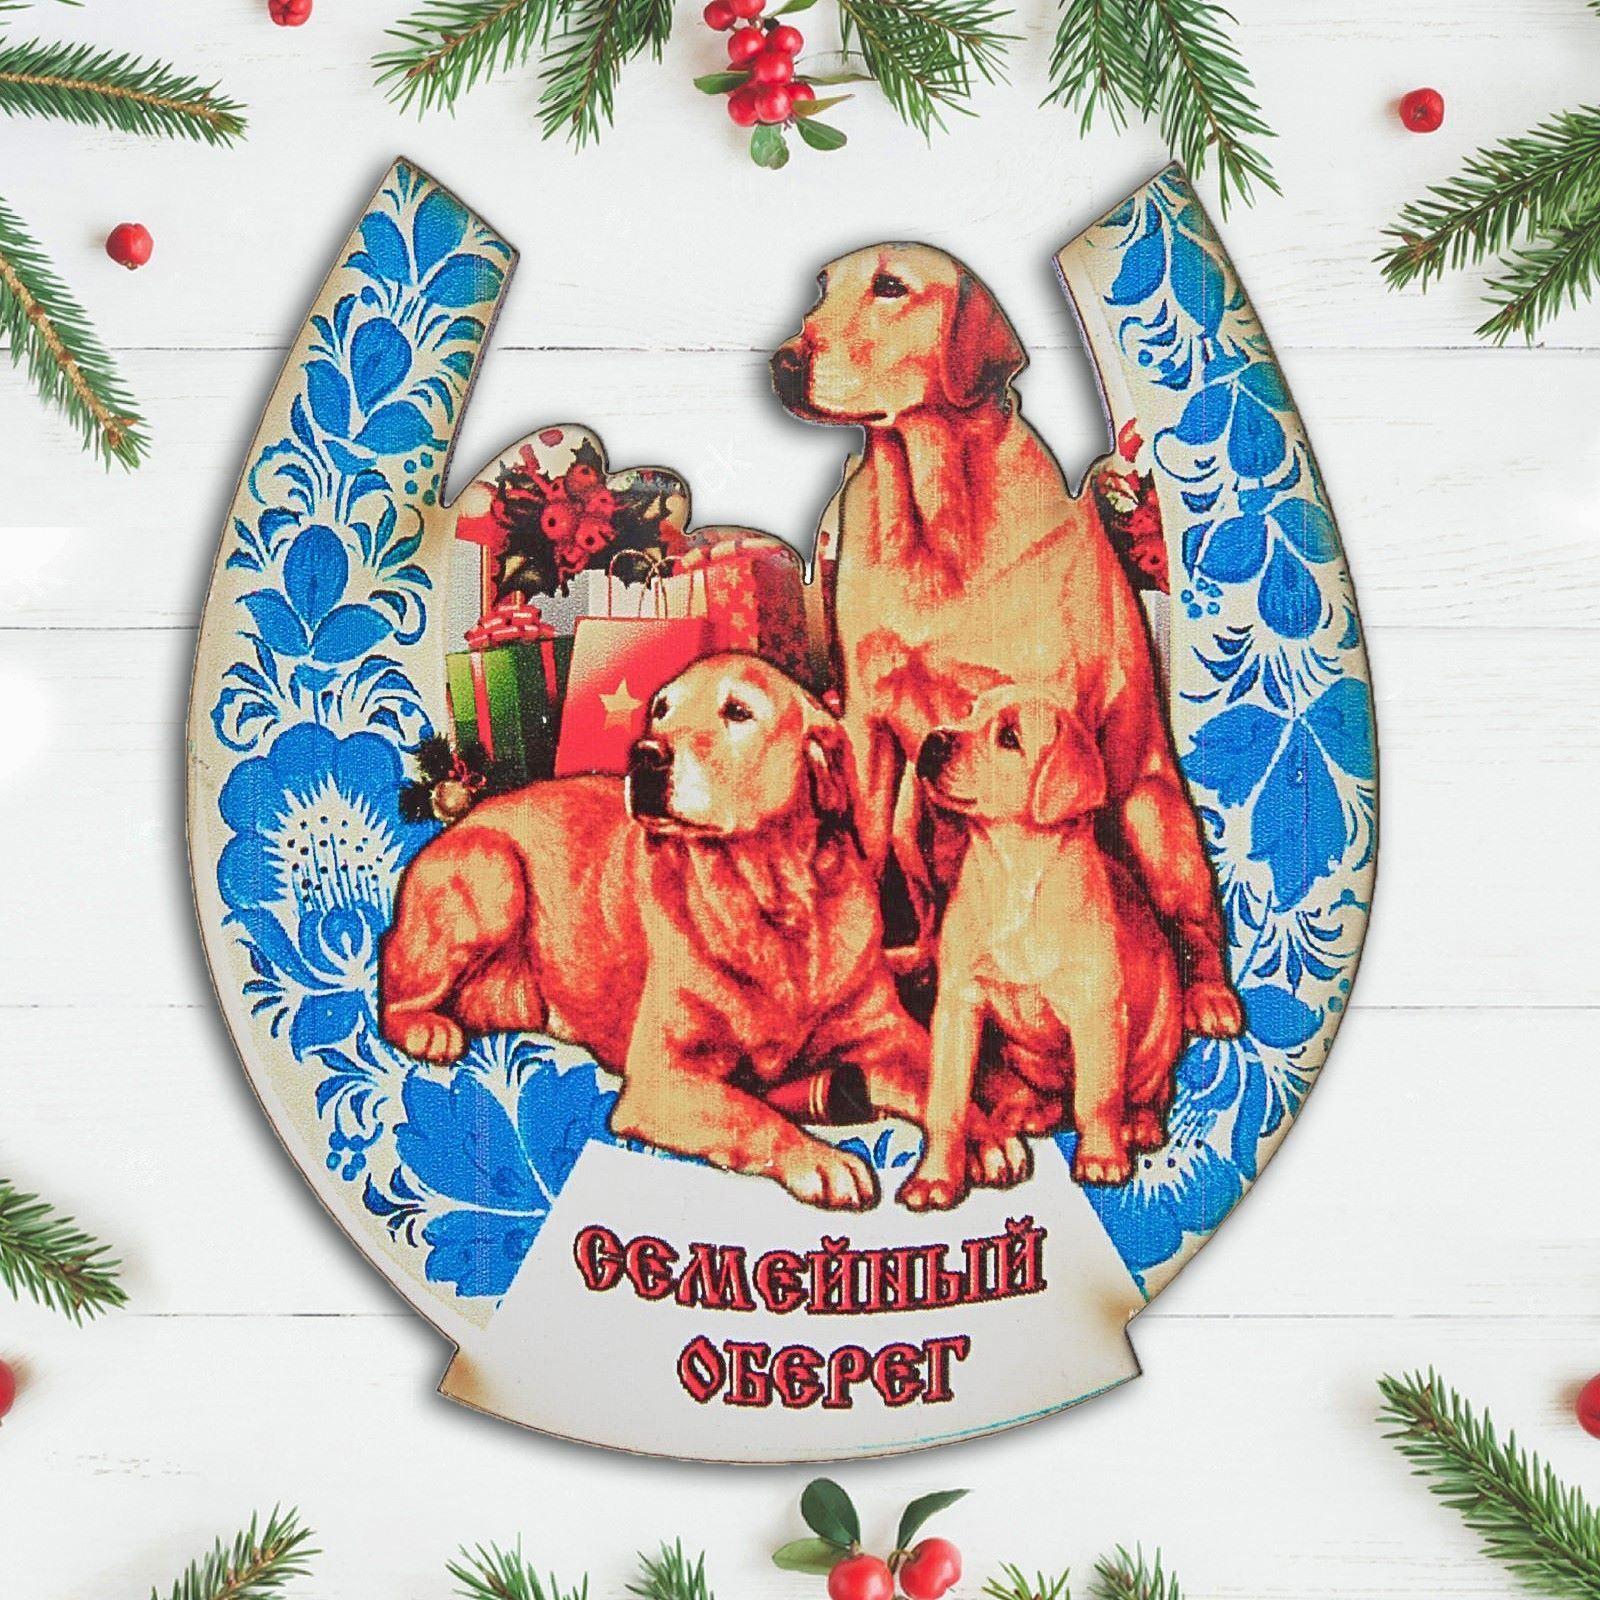 Магнит Sima-land Семейный оберег, 8 х 7 см2460289Порадуйте родных и близких оригинальным сувениром: преподнесите в подарок магнит. С ним даже самый серьёзный человек почувствует себя ребёнком, ожидающим чудо! Создайте праздничное настроение, и оно останется с вами на весь год.